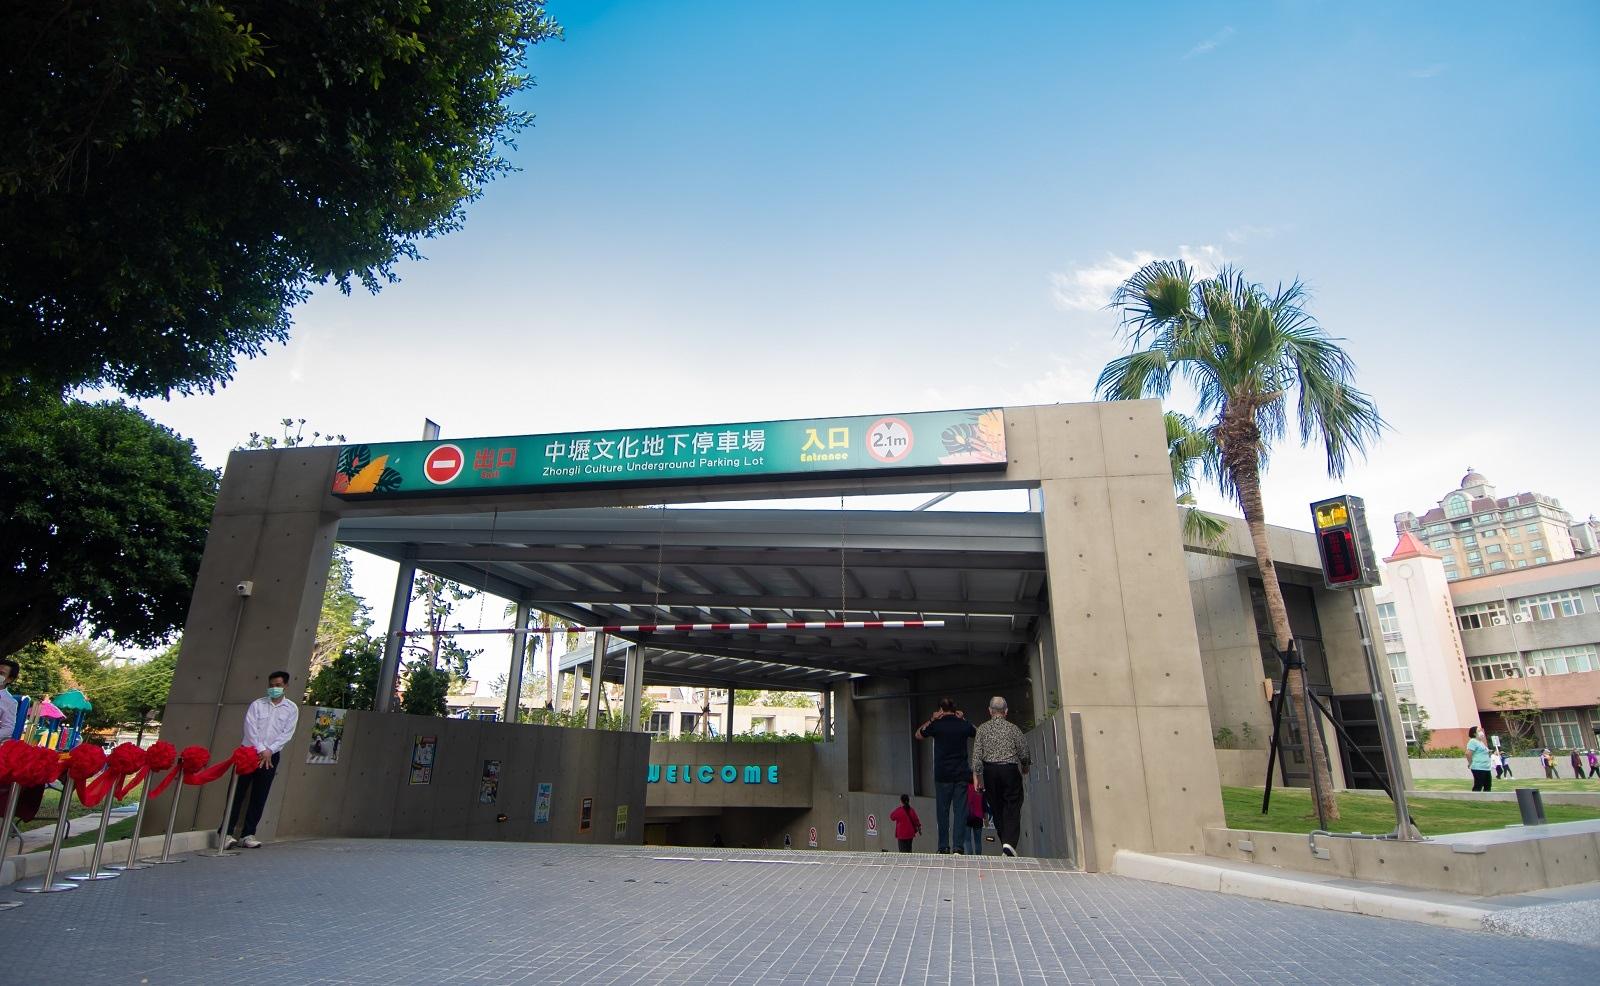 中壢文化公園地下停車場啟用,開放免費停車優惠至12/31。圖/桃園市政府提供